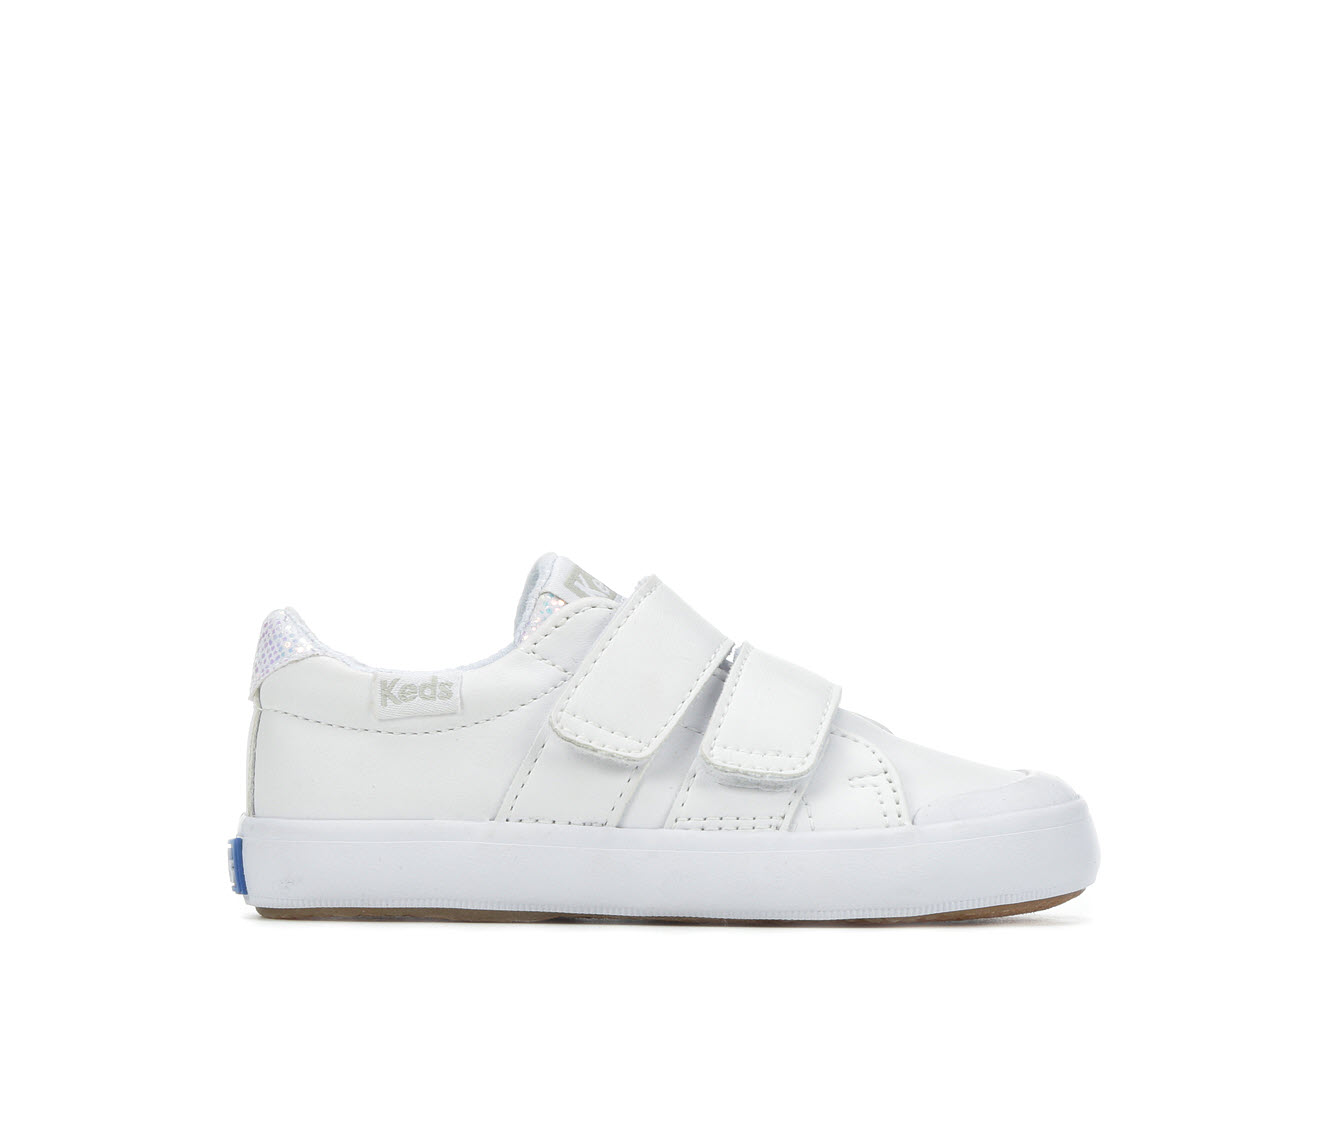 Little Kid Courtney Slip-On Sneakers